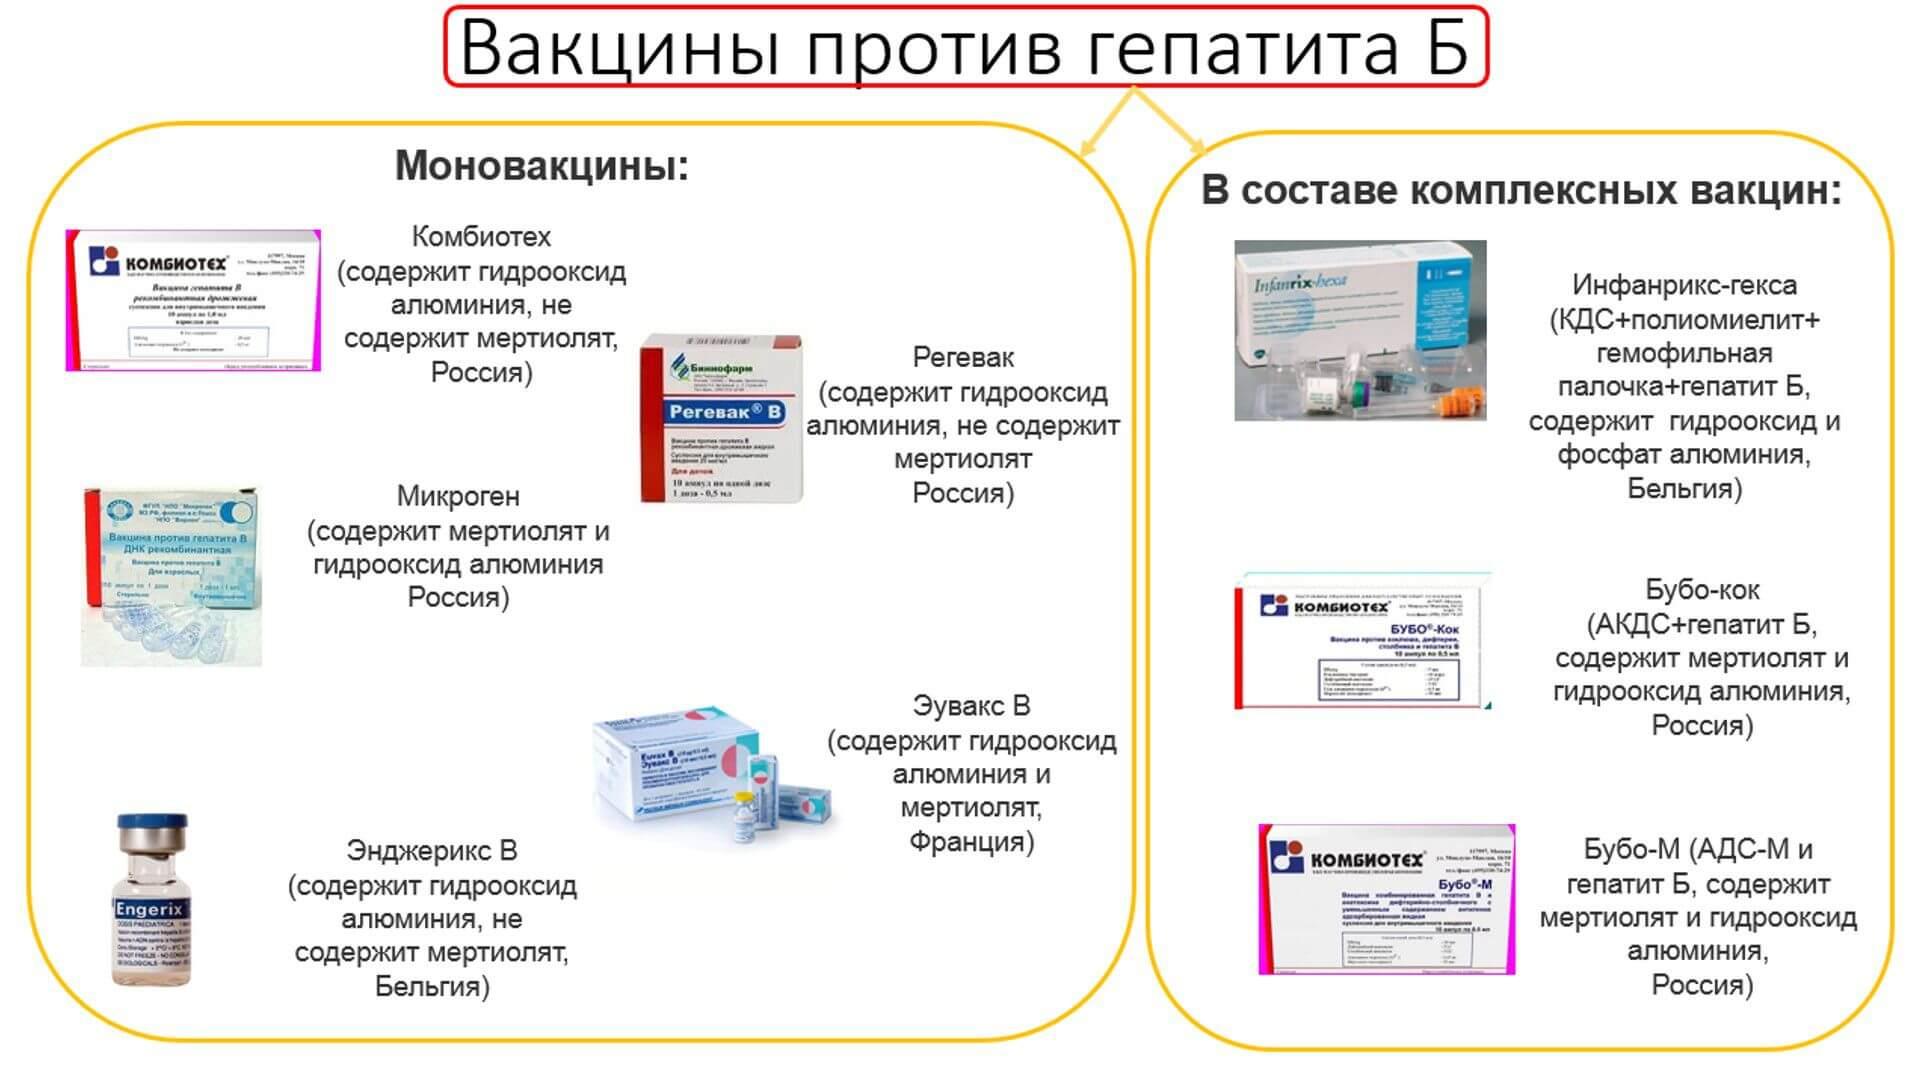 Ревакцинация гепатита в схема